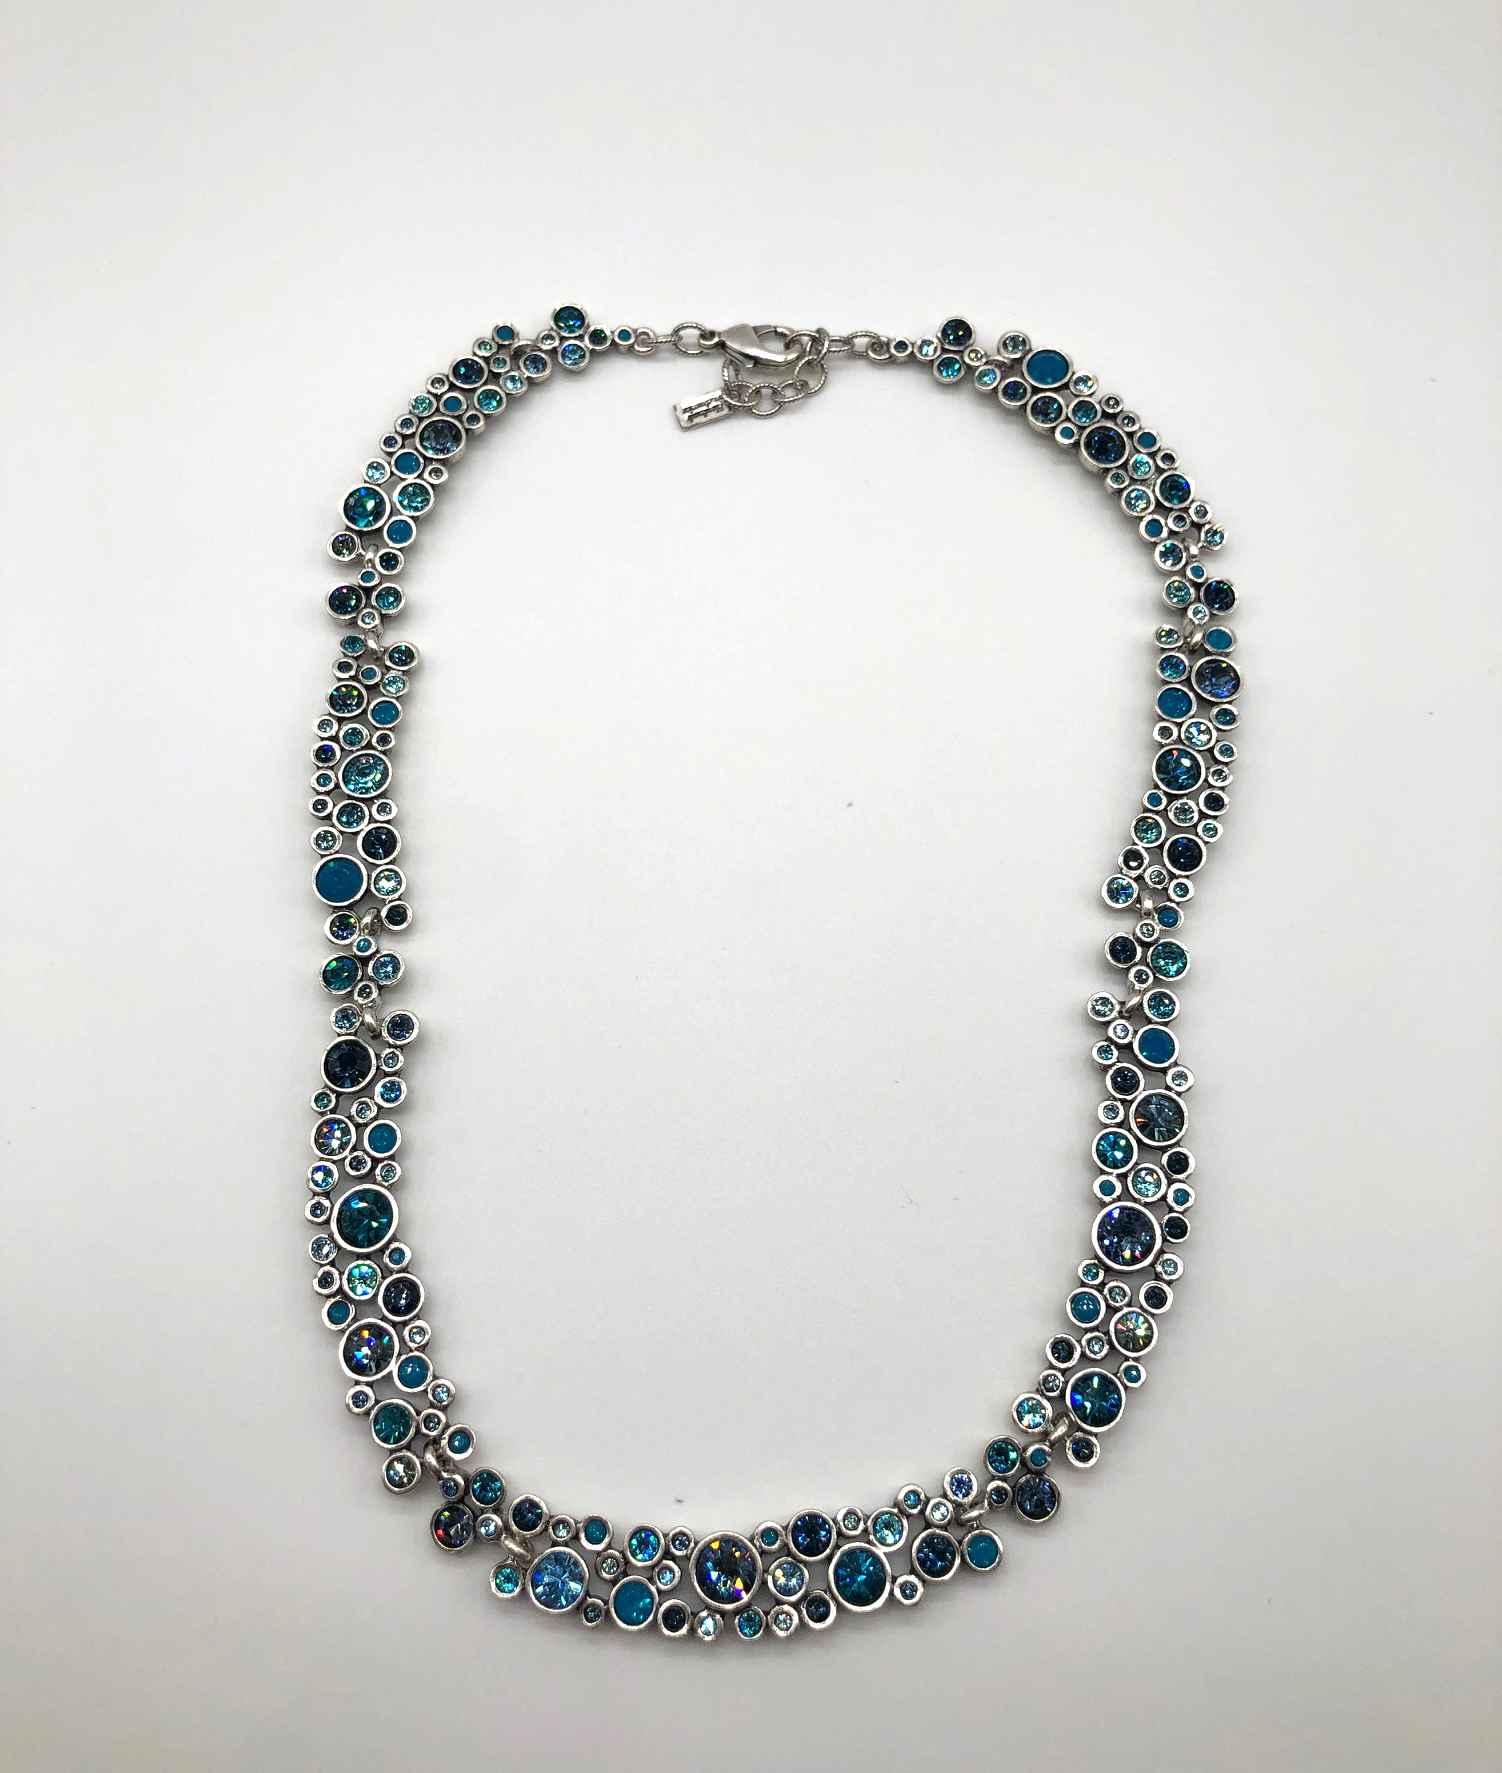 Vivacious Necklace in Silver, Bermuda